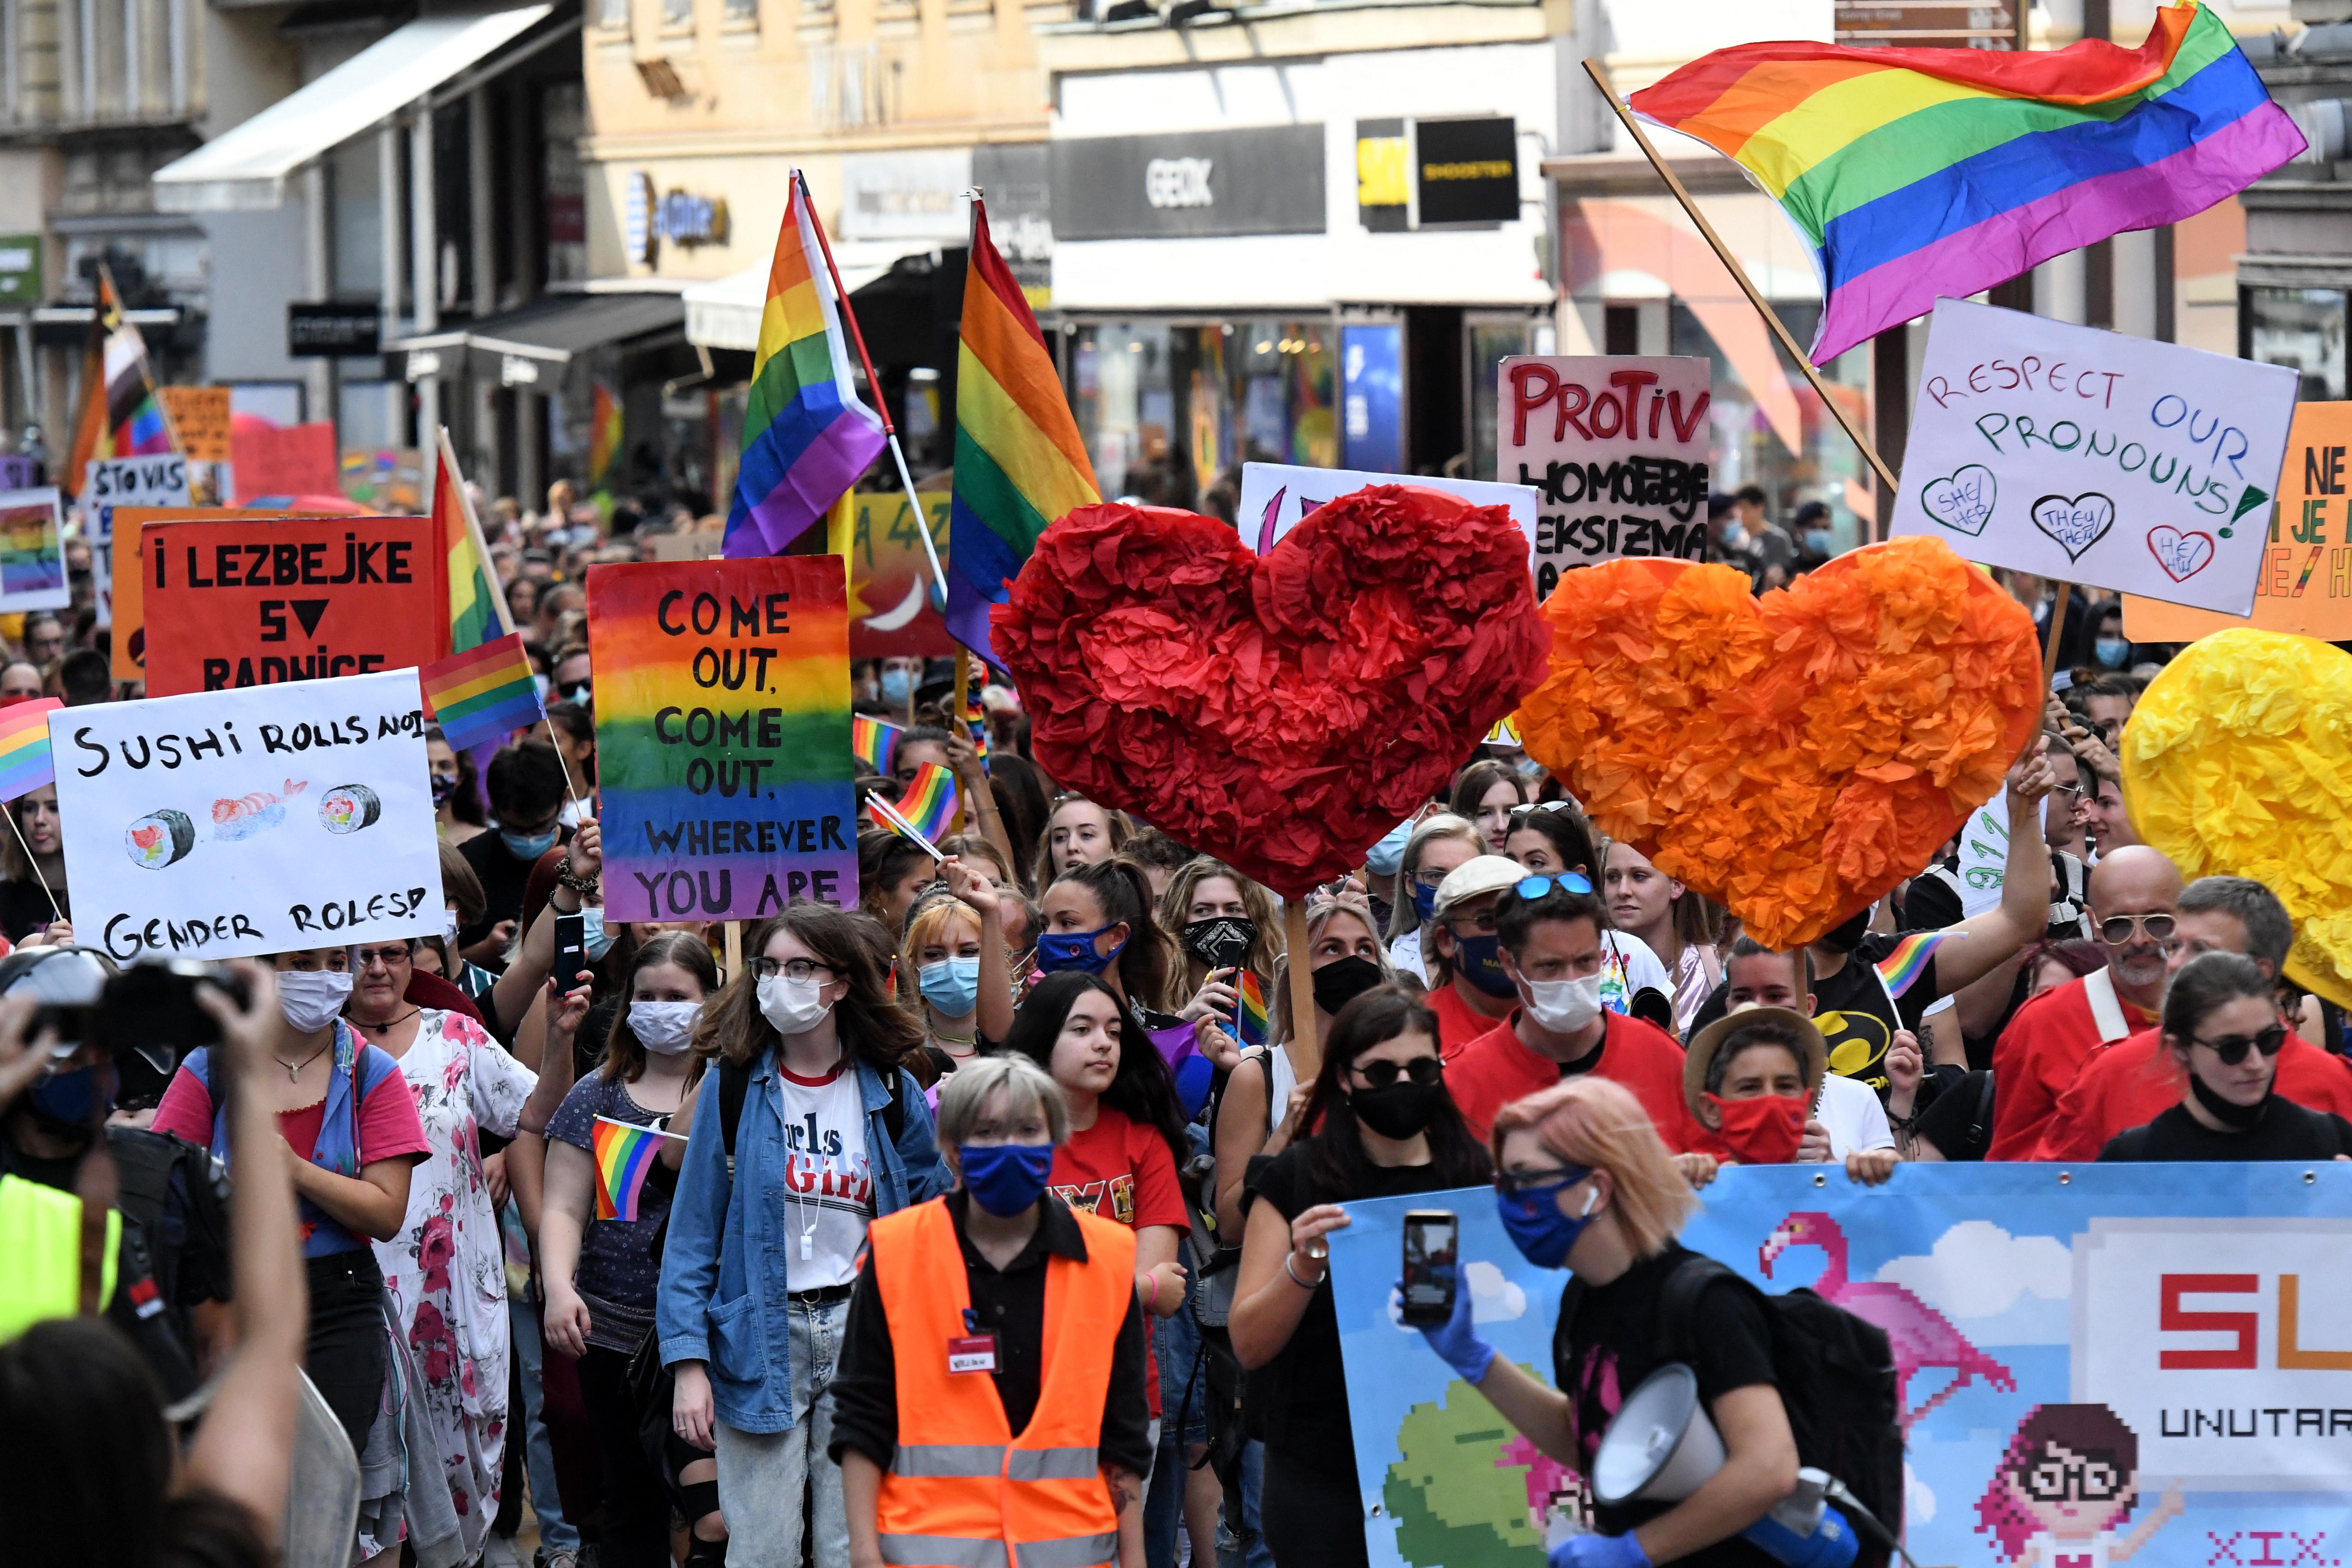 Ellentüntetők erőszakoskodtak a zágrábi Pride-on